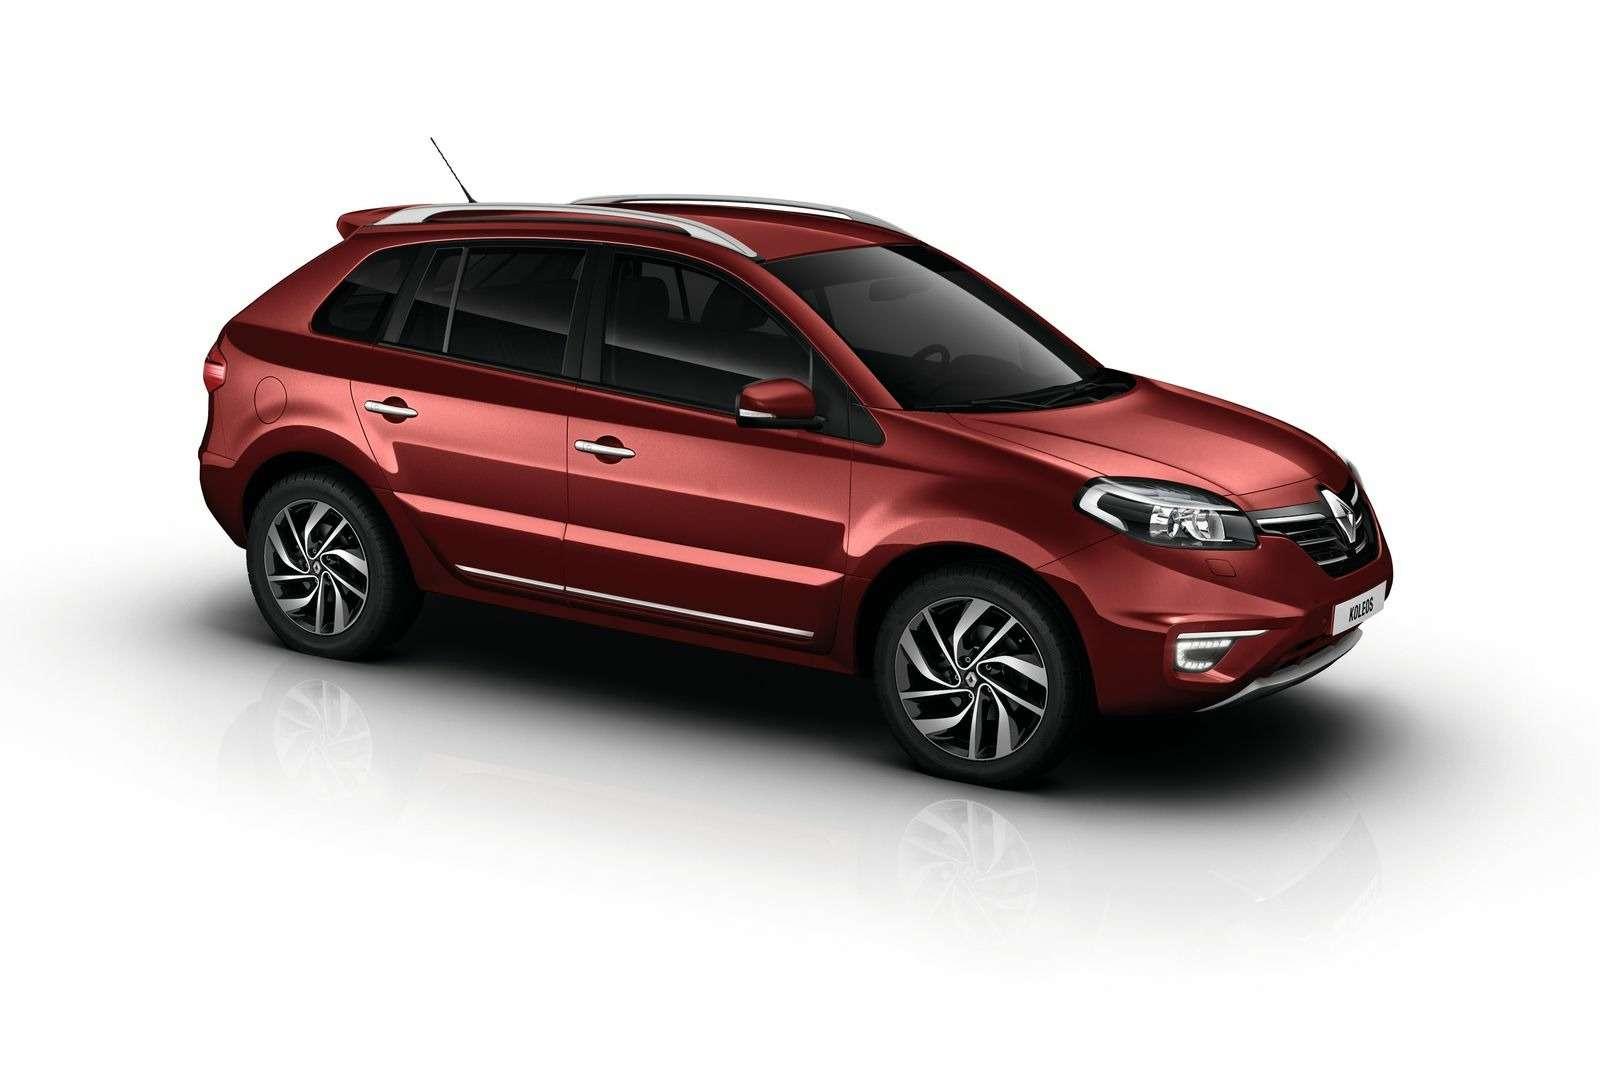 Renault привезет вРоссию Koleos спередним приводом за1,3млн рублей— фото 376736